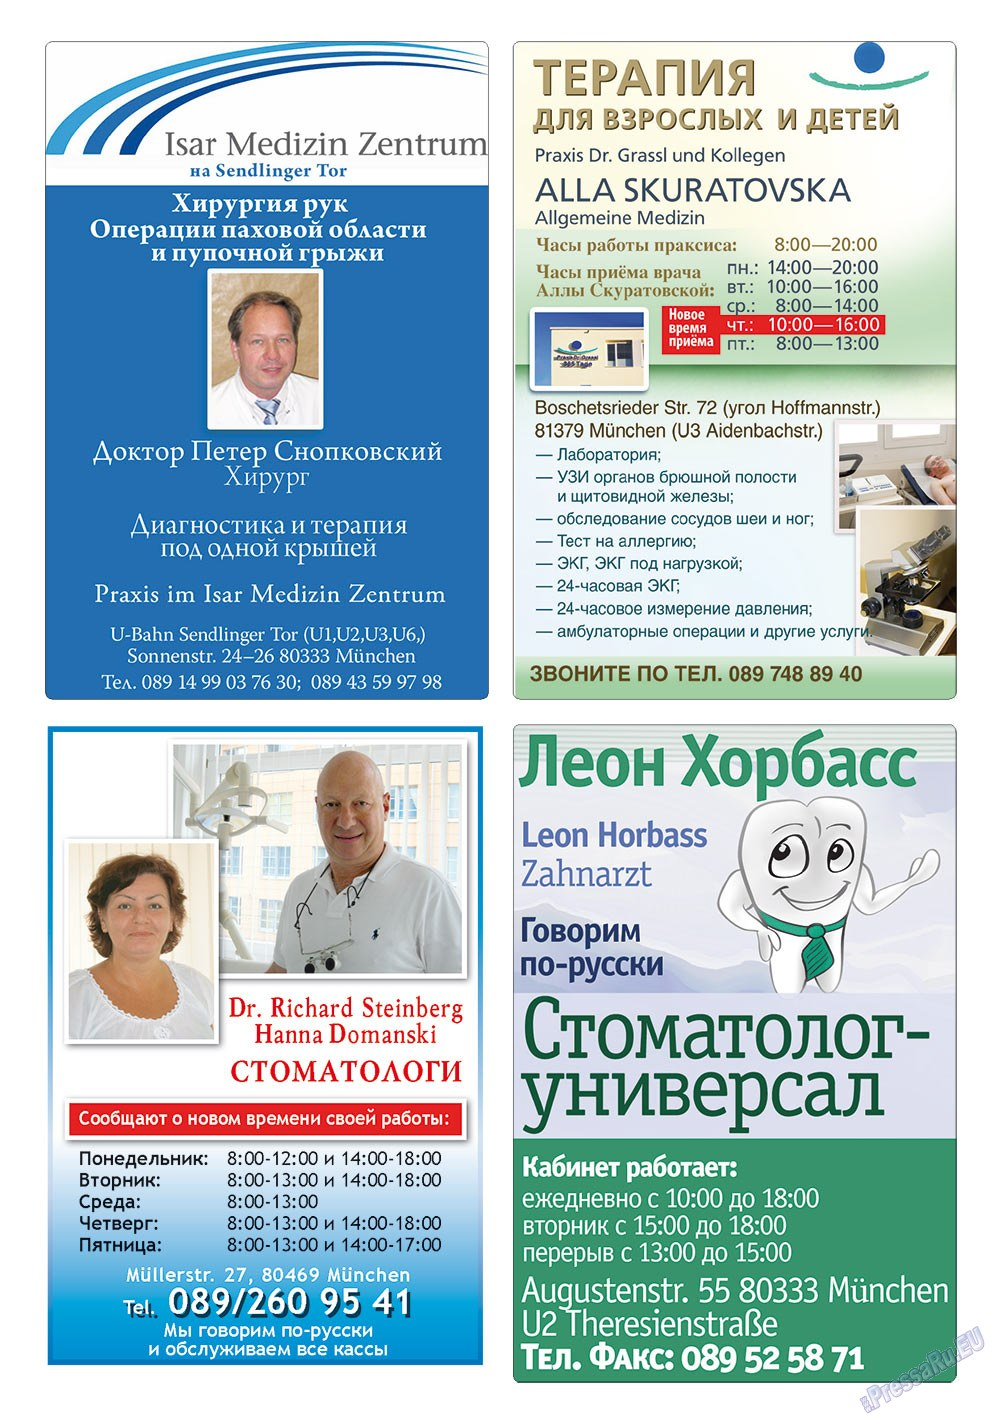 Апельсин (журнал). 2012 год, номер 30, стр. 38